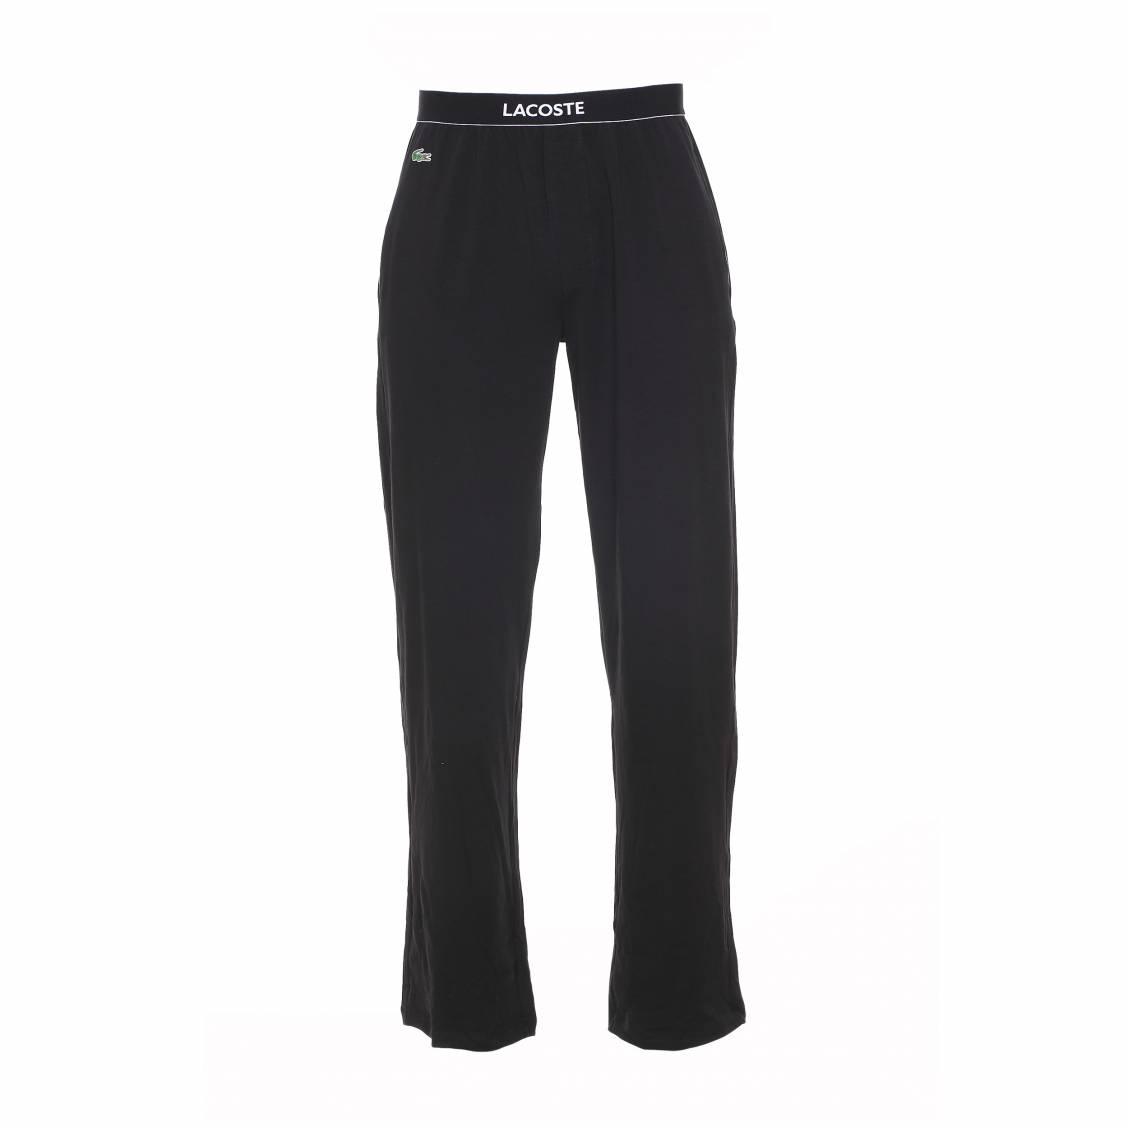 pantalon d 39 int rieur colours lacoste en coton stretch noir rue des hommes. Black Bedroom Furniture Sets. Home Design Ideas